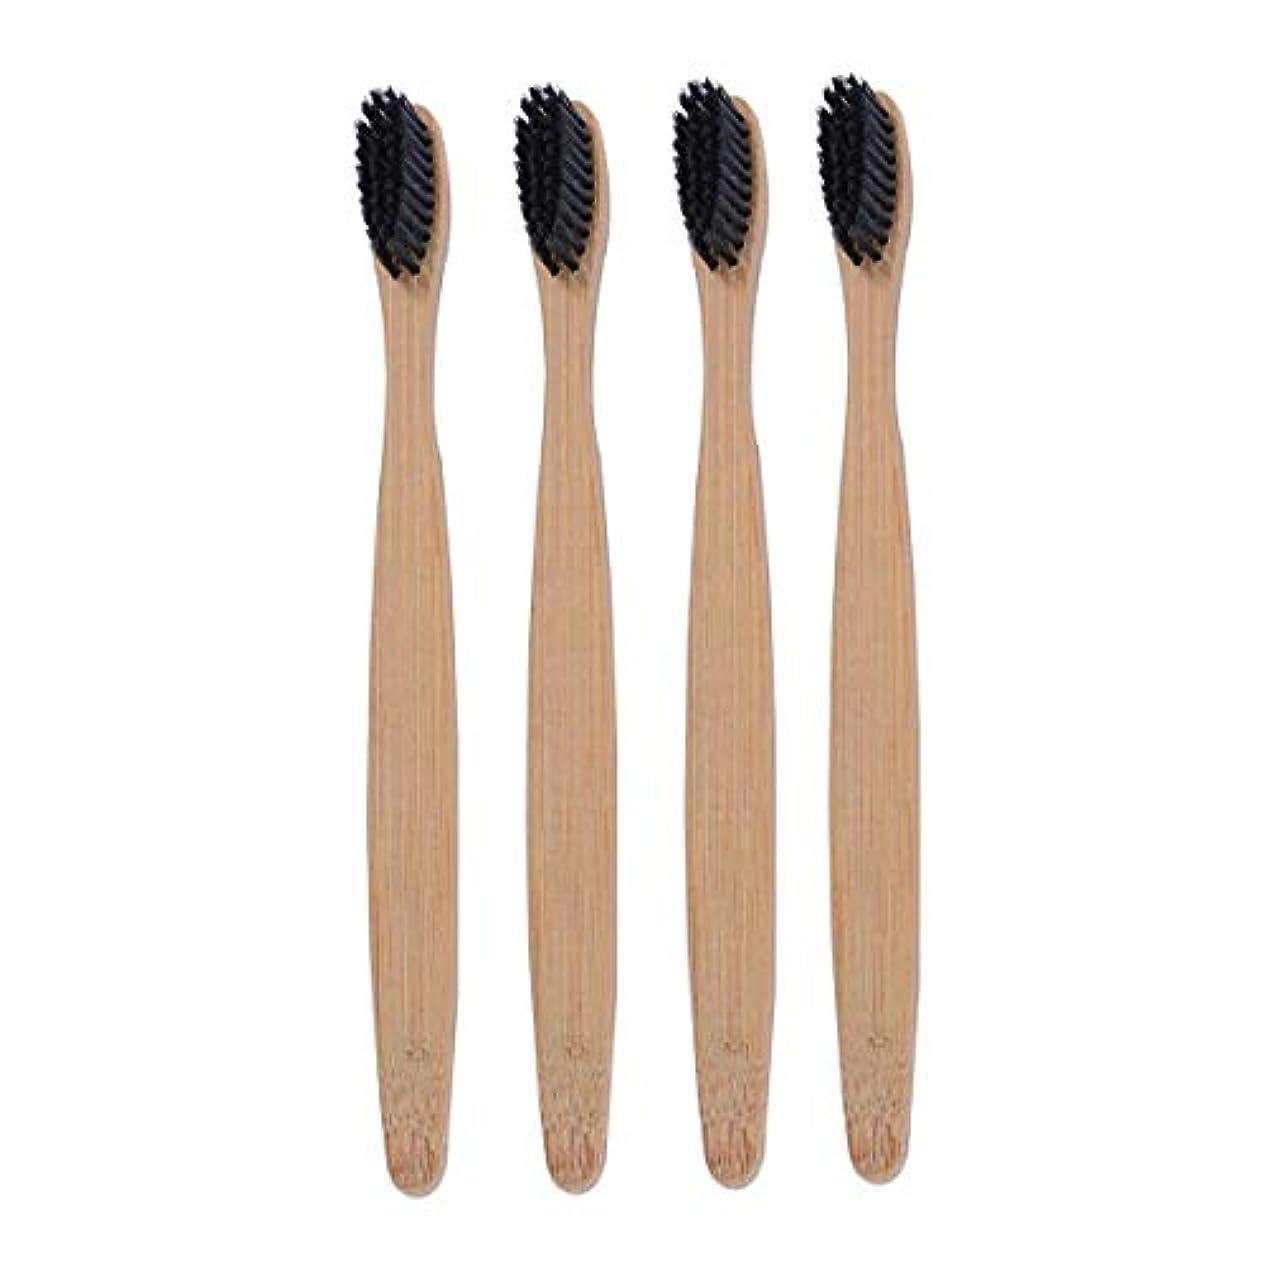 レイアウト途方もないどのくらいの頻度でHealifty 竹炭の歯ブラシ 竹の歯ブラシ 分解性 環境保護の歯ブラシ 天然の柔らかいブラシ 4本入(黑)